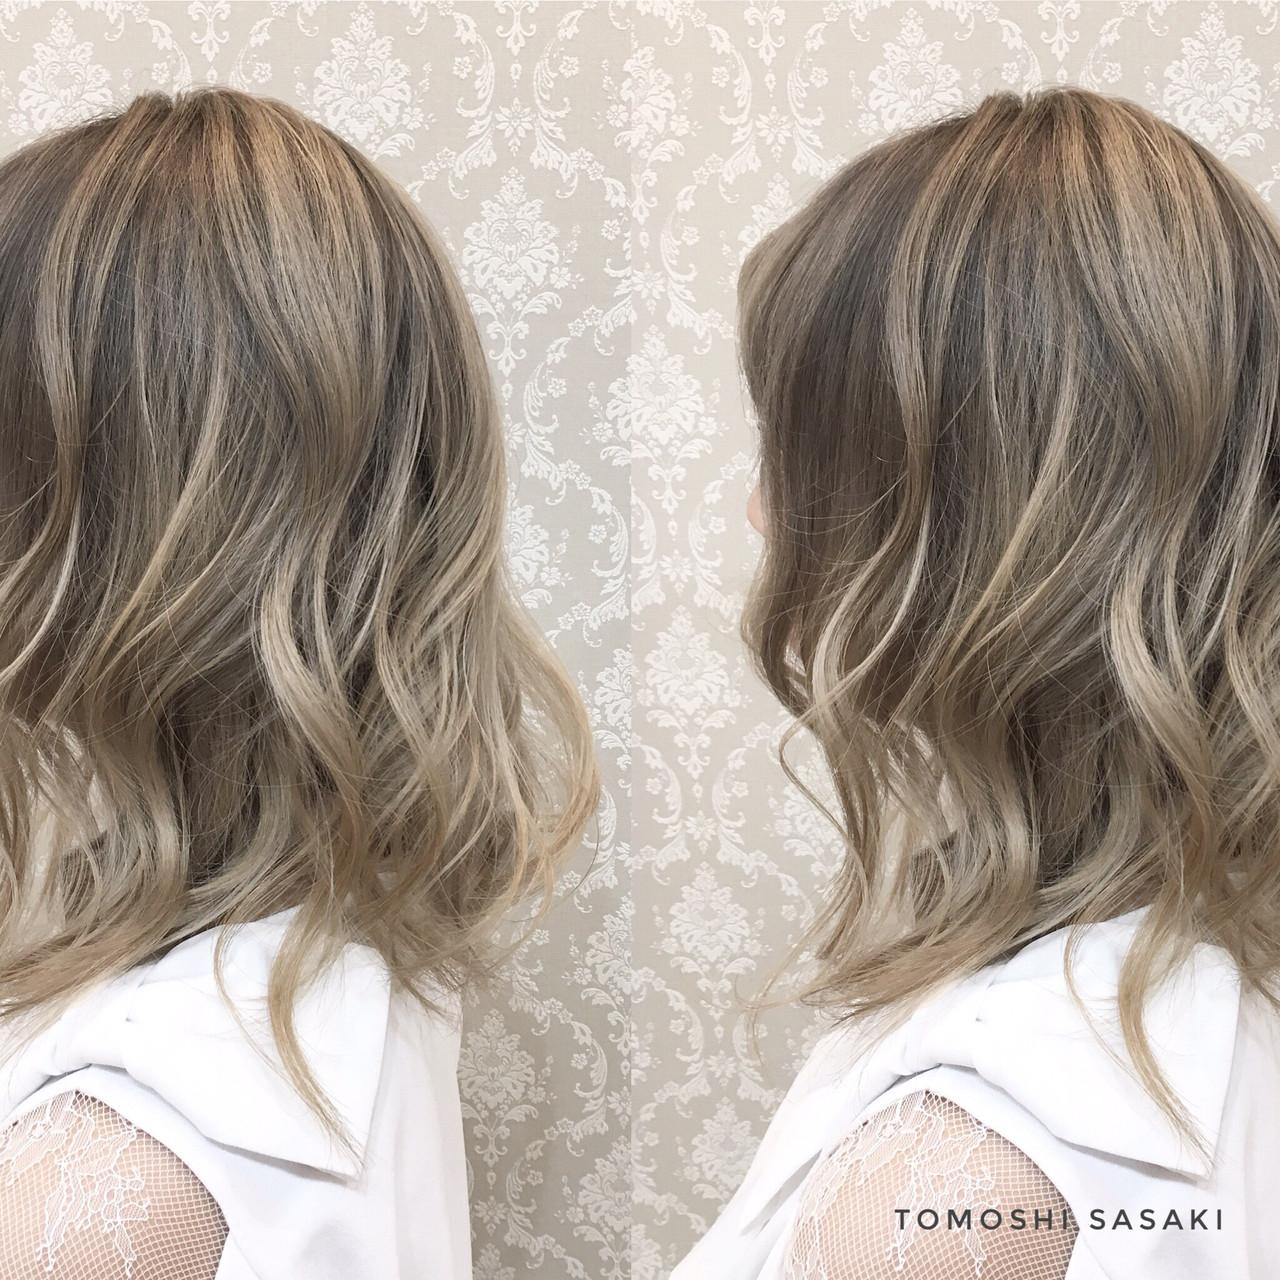 暗髪女子 3Dハイライト グラデーションカラー ガーリー ヘアスタイルや髪型の写真・画像 | ササキ トモシ / Cecil hair 札幌北24条店